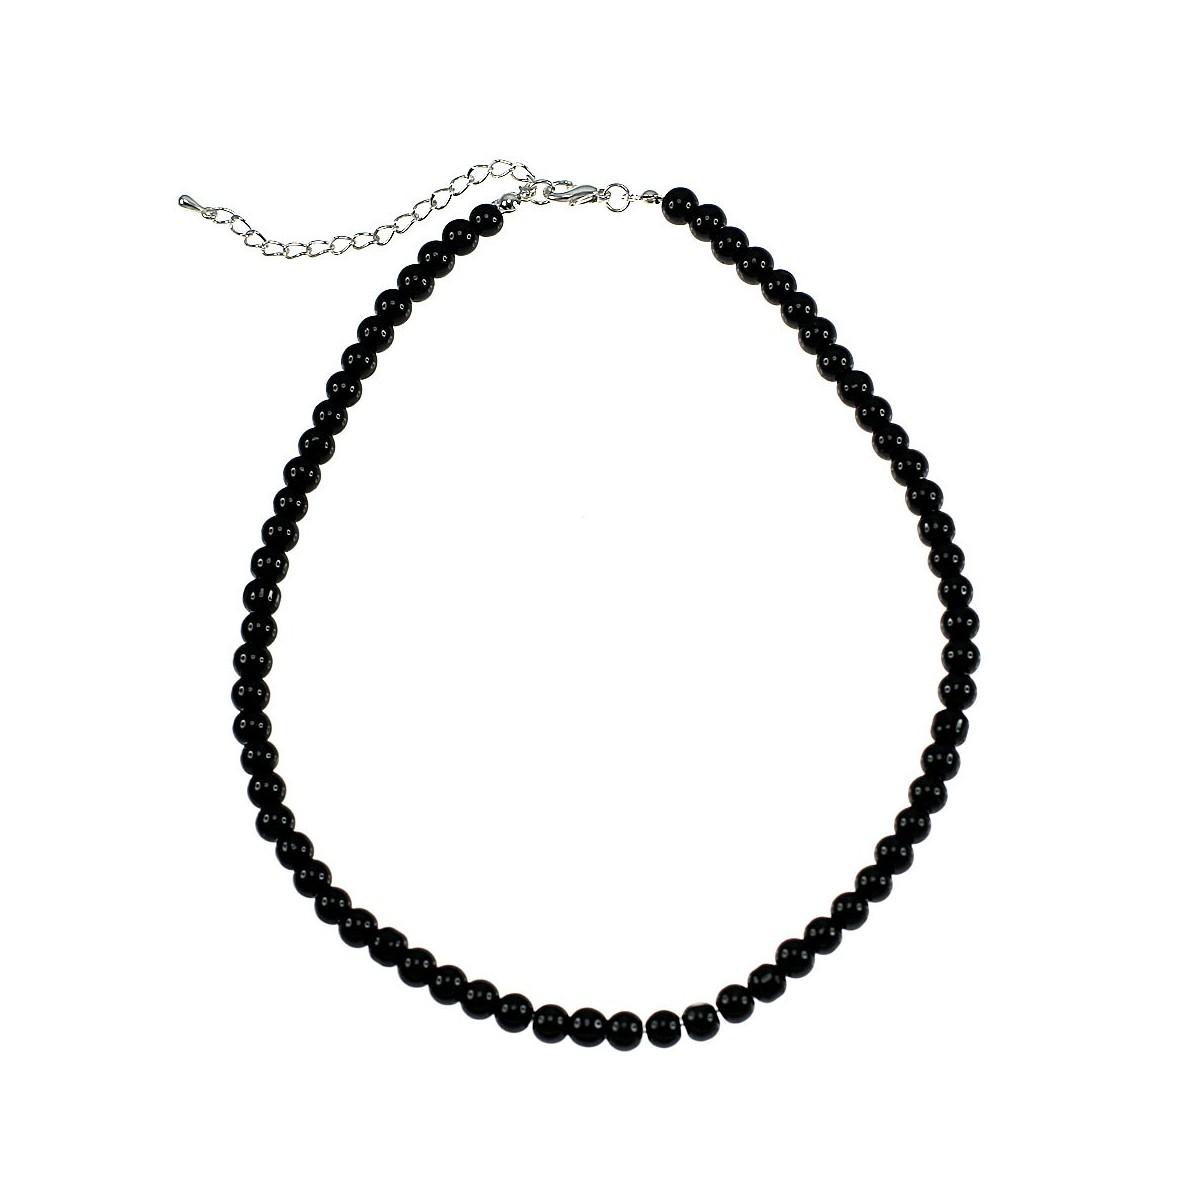 Collier noir orné de perles de verre par So Charm